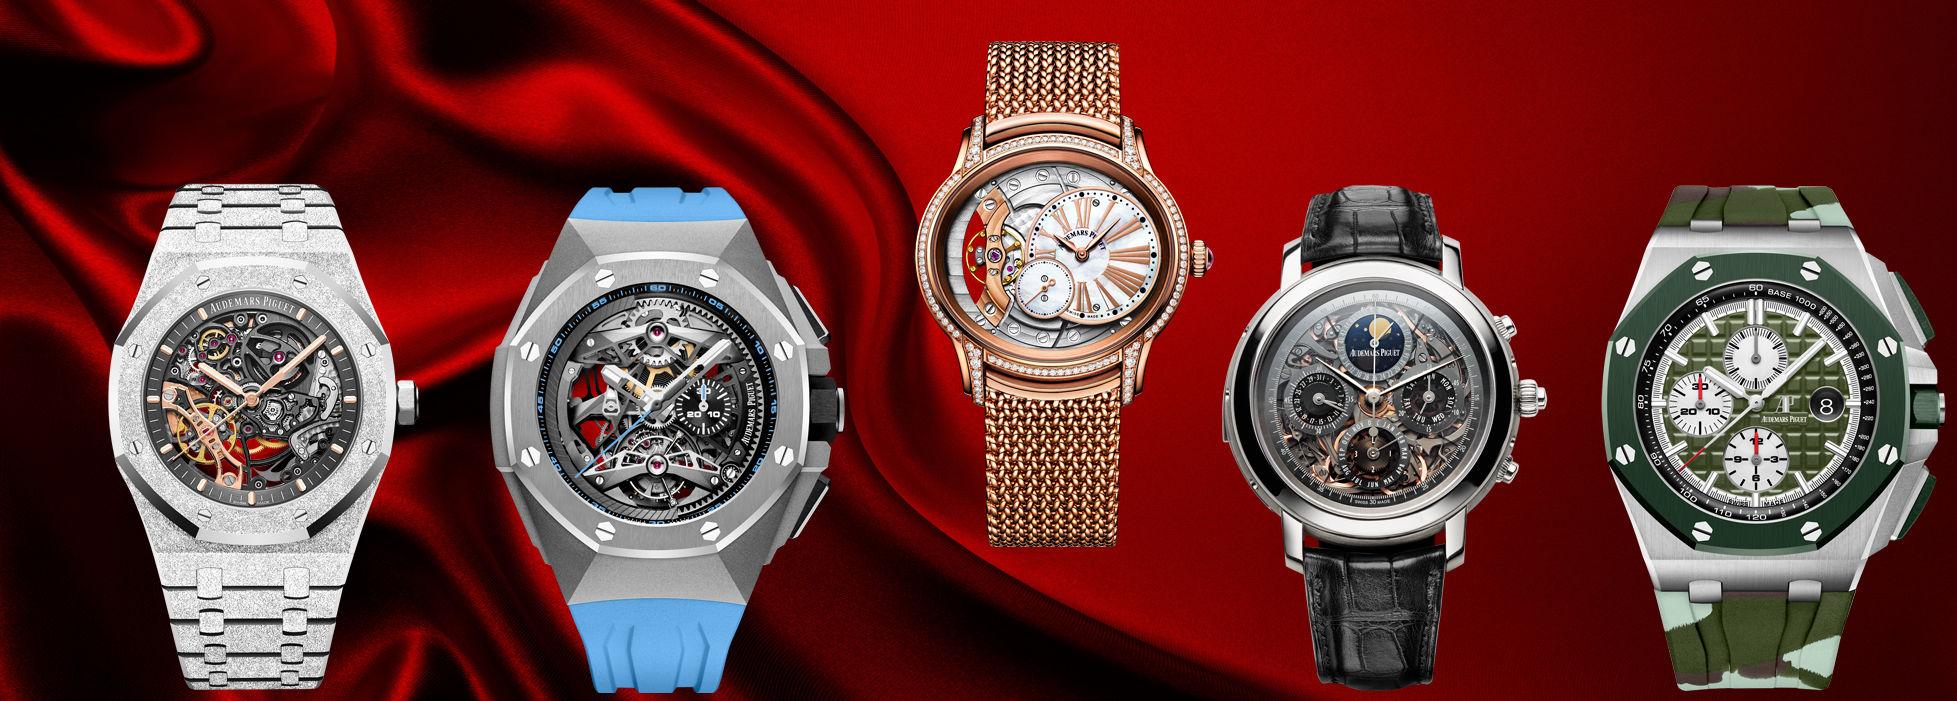 Audermars Piguet Uhren